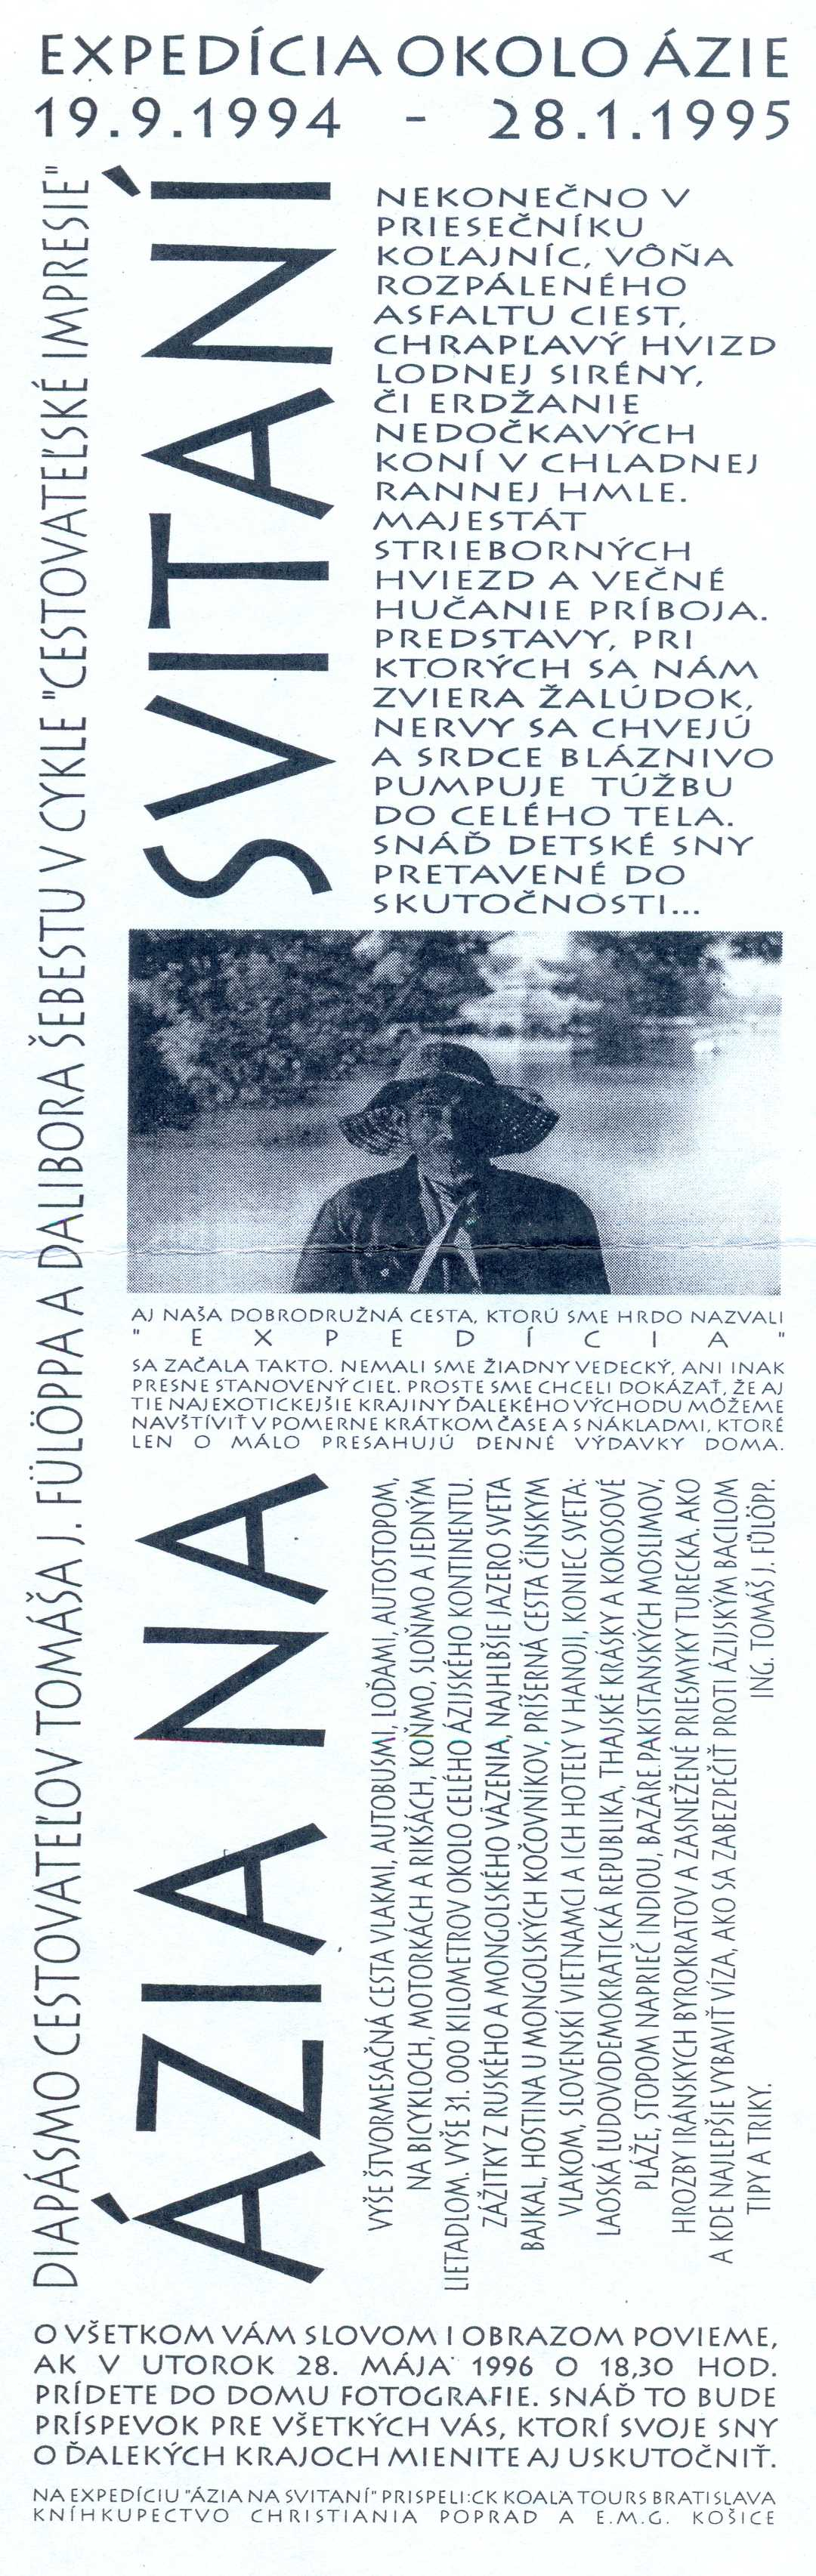 Pozvánka na diapásmo v Dome fotografie dňa 28. mája 1996